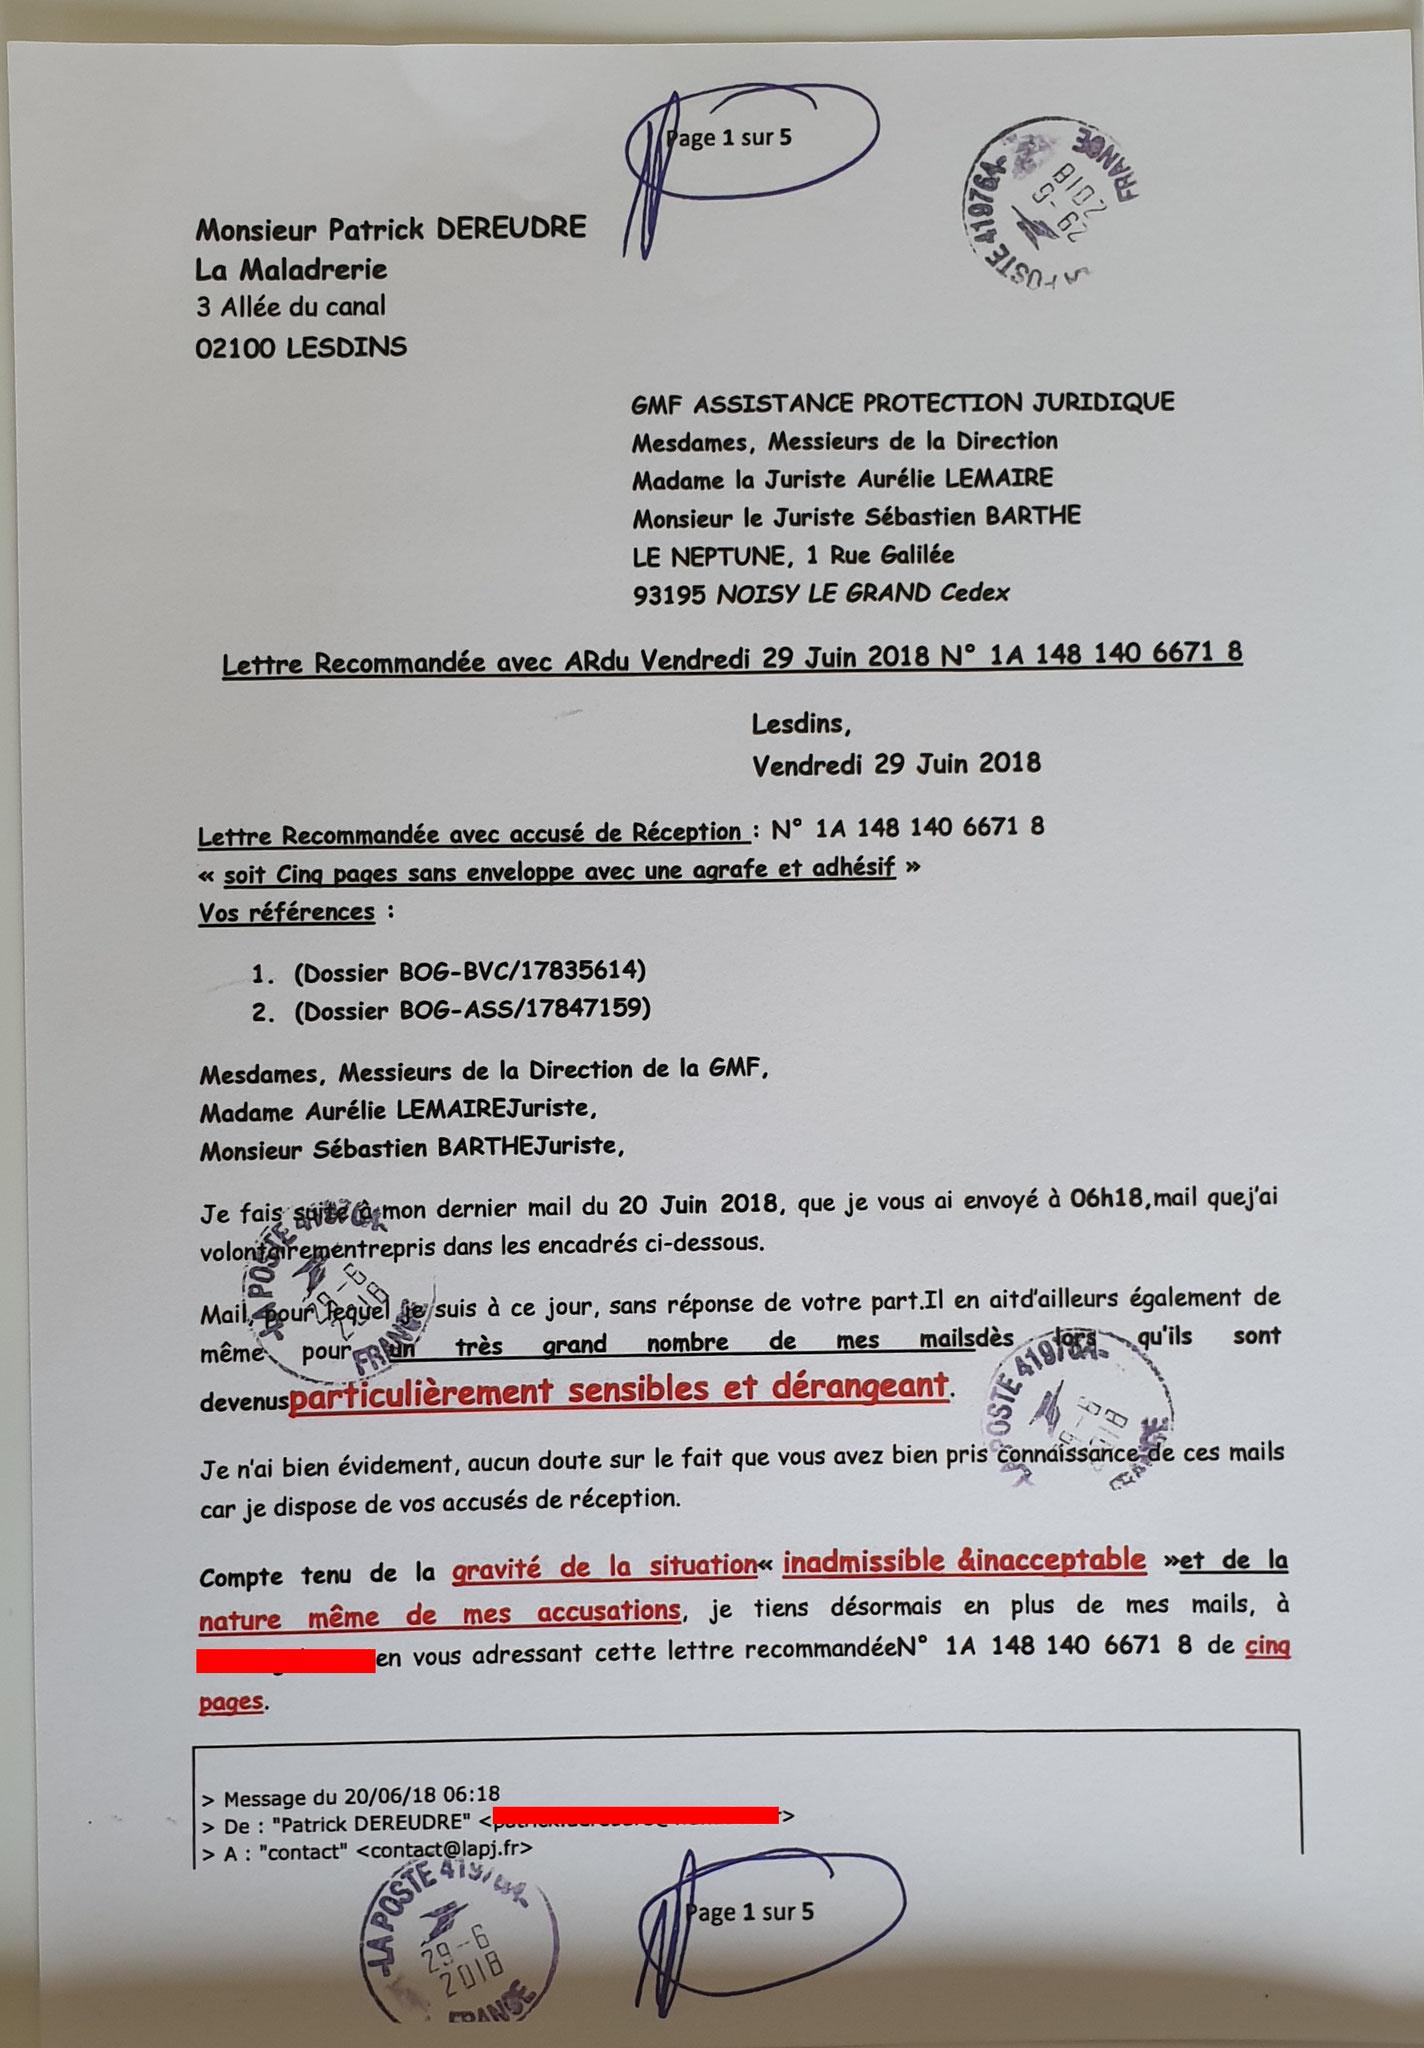 Le 29 Juin 2018 J'adresse une LRAR N0 1A 148 140 6671 8 de Cinq pages en couleurs à ma Protection Juridique GMF Affaire MES CHERS VOISINS www.jesuisvictime.fr www.jesuispatrick.fr www.jenesuispasunchien.fr PARJURE & CORRUPTION